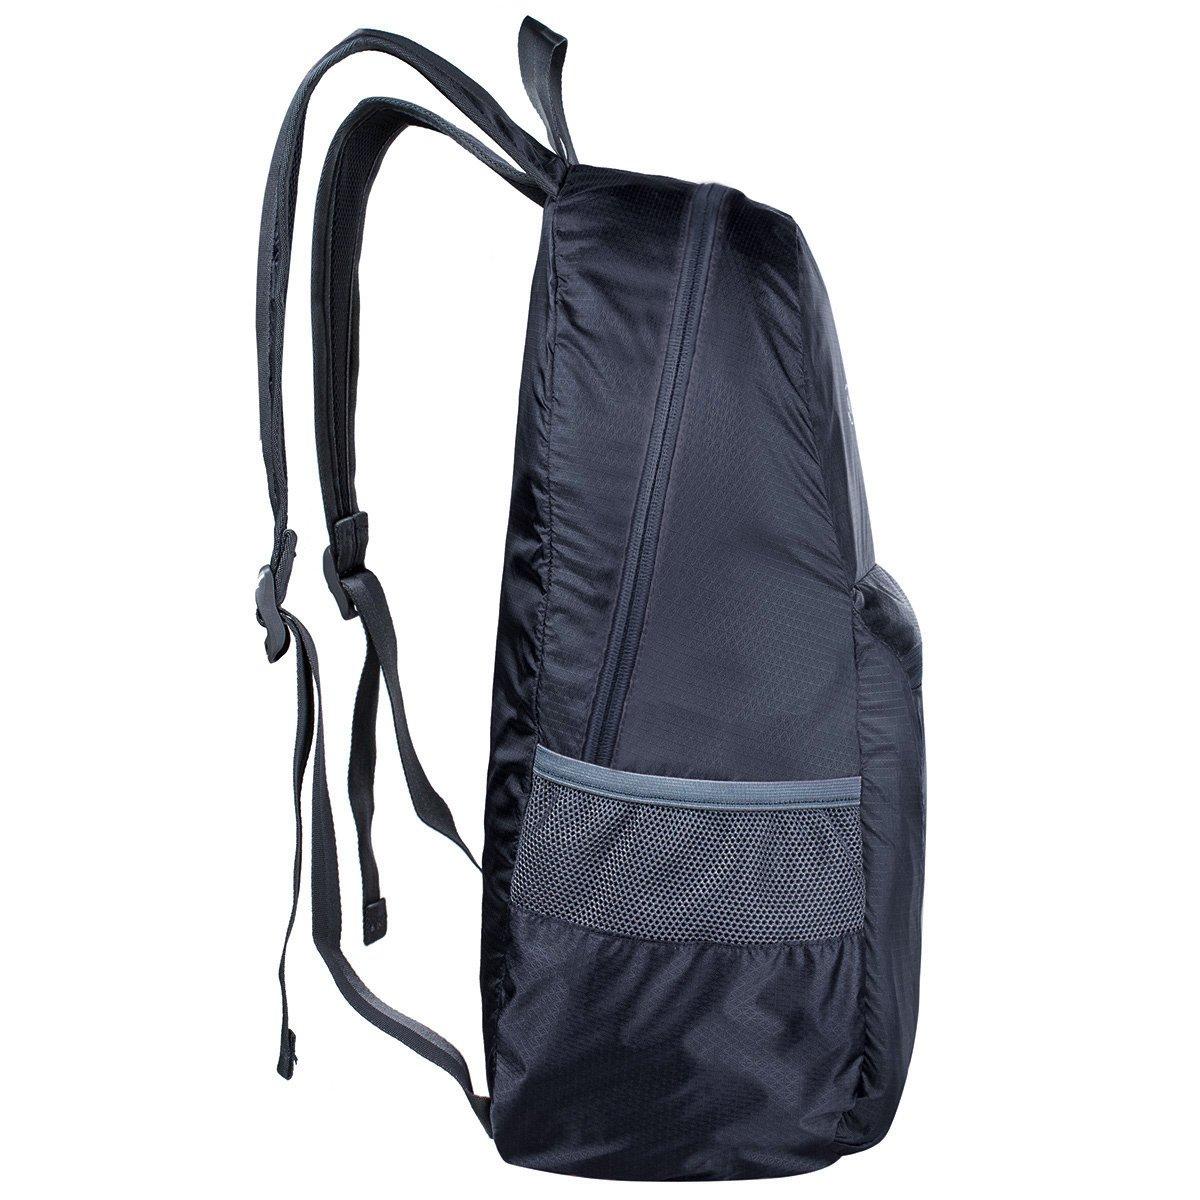 G4Free 25L Faltbarer Rucksack Ultraleicht Rucksack Daypack f/ür M/änner Frauen und Kinder f/ür Outdoor Wandern Camping Reisen